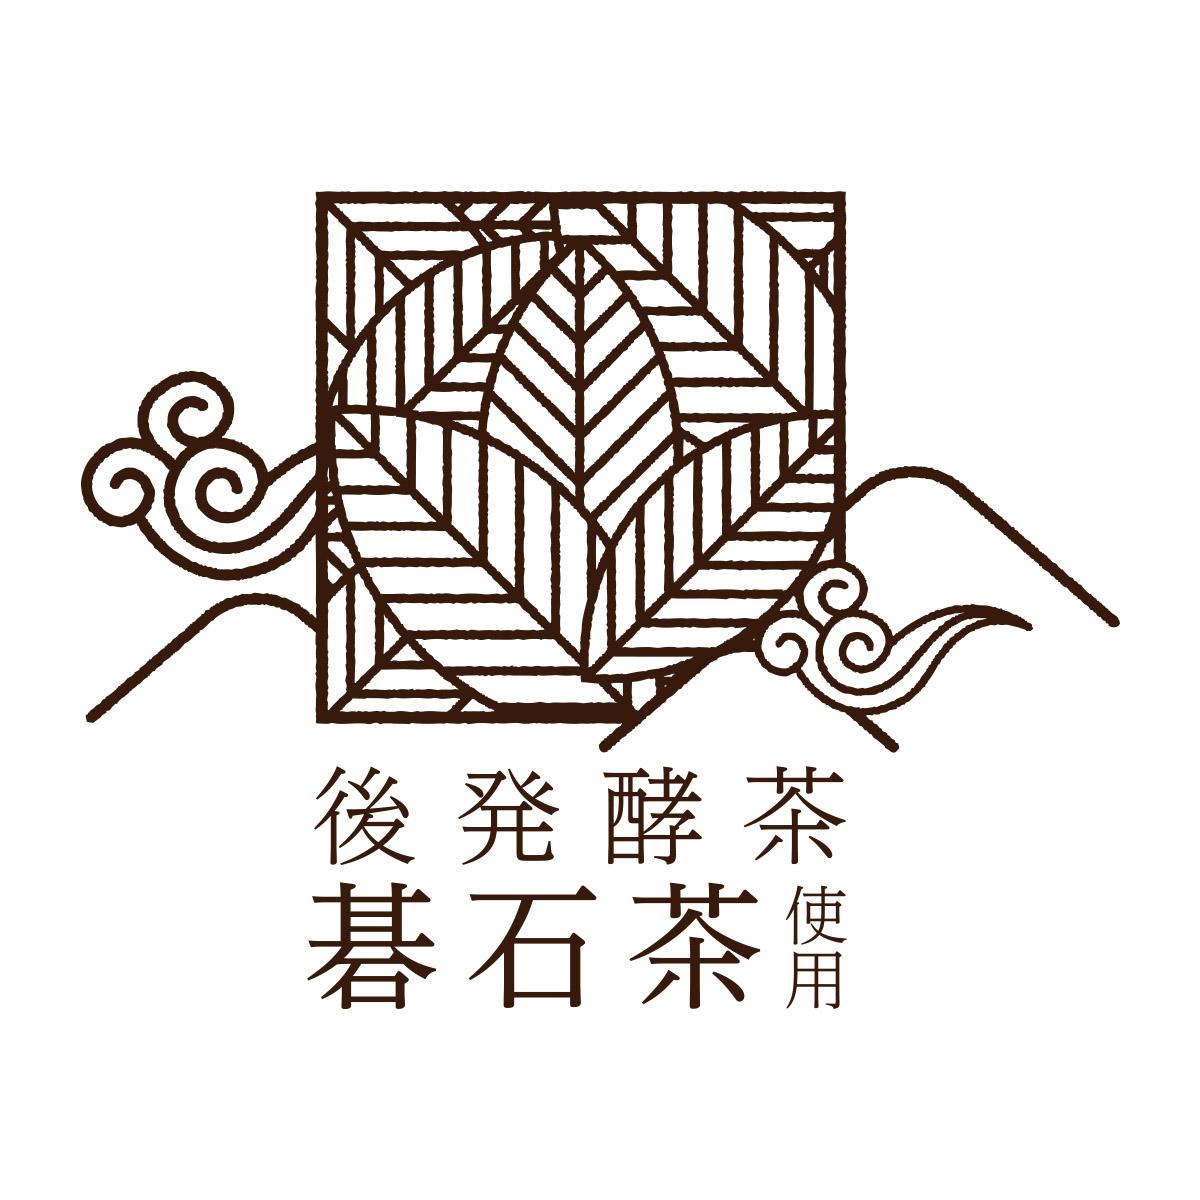 株式会社末広 碁石茶 ロゴマーク